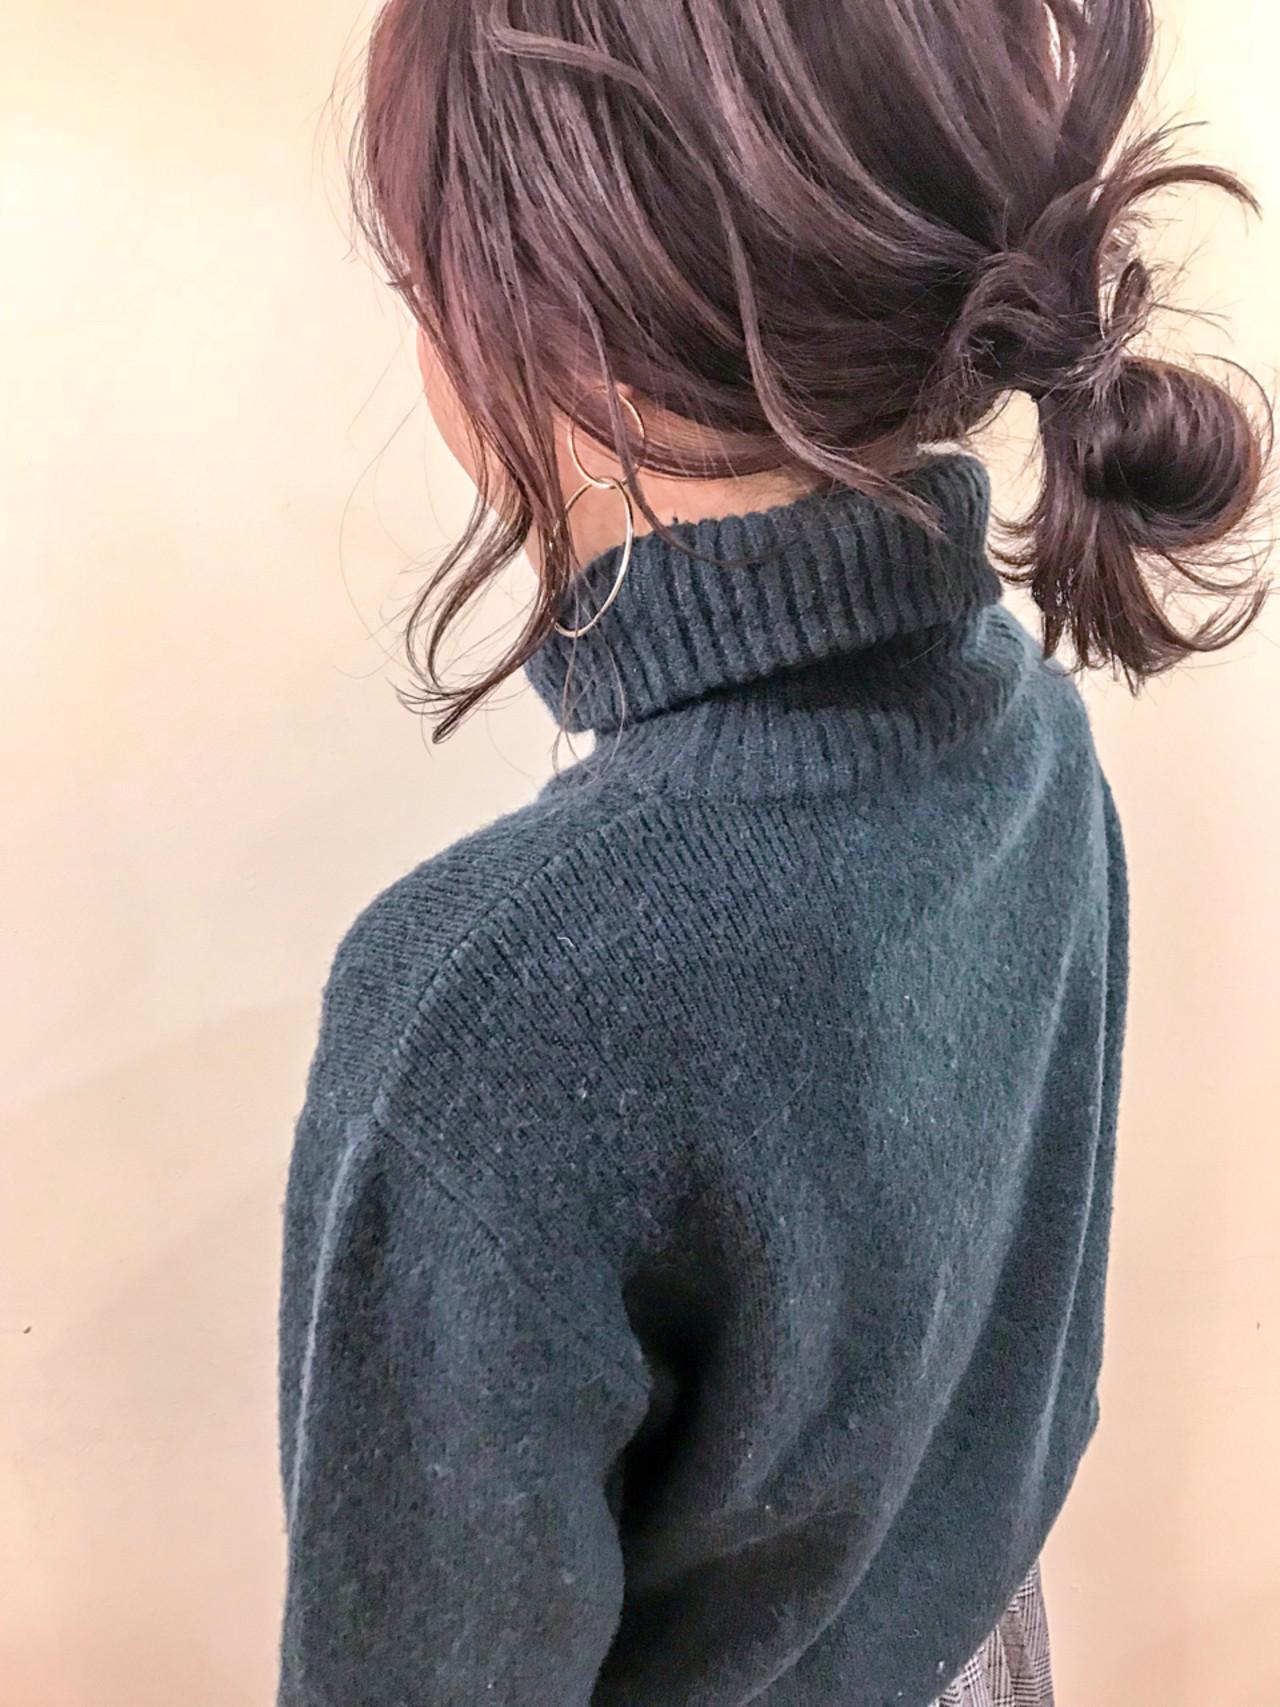 シニヨンはルーズな後れ毛とウェーブ感がおしゃれ yumiko/sapporoSKNOW | SKNOW